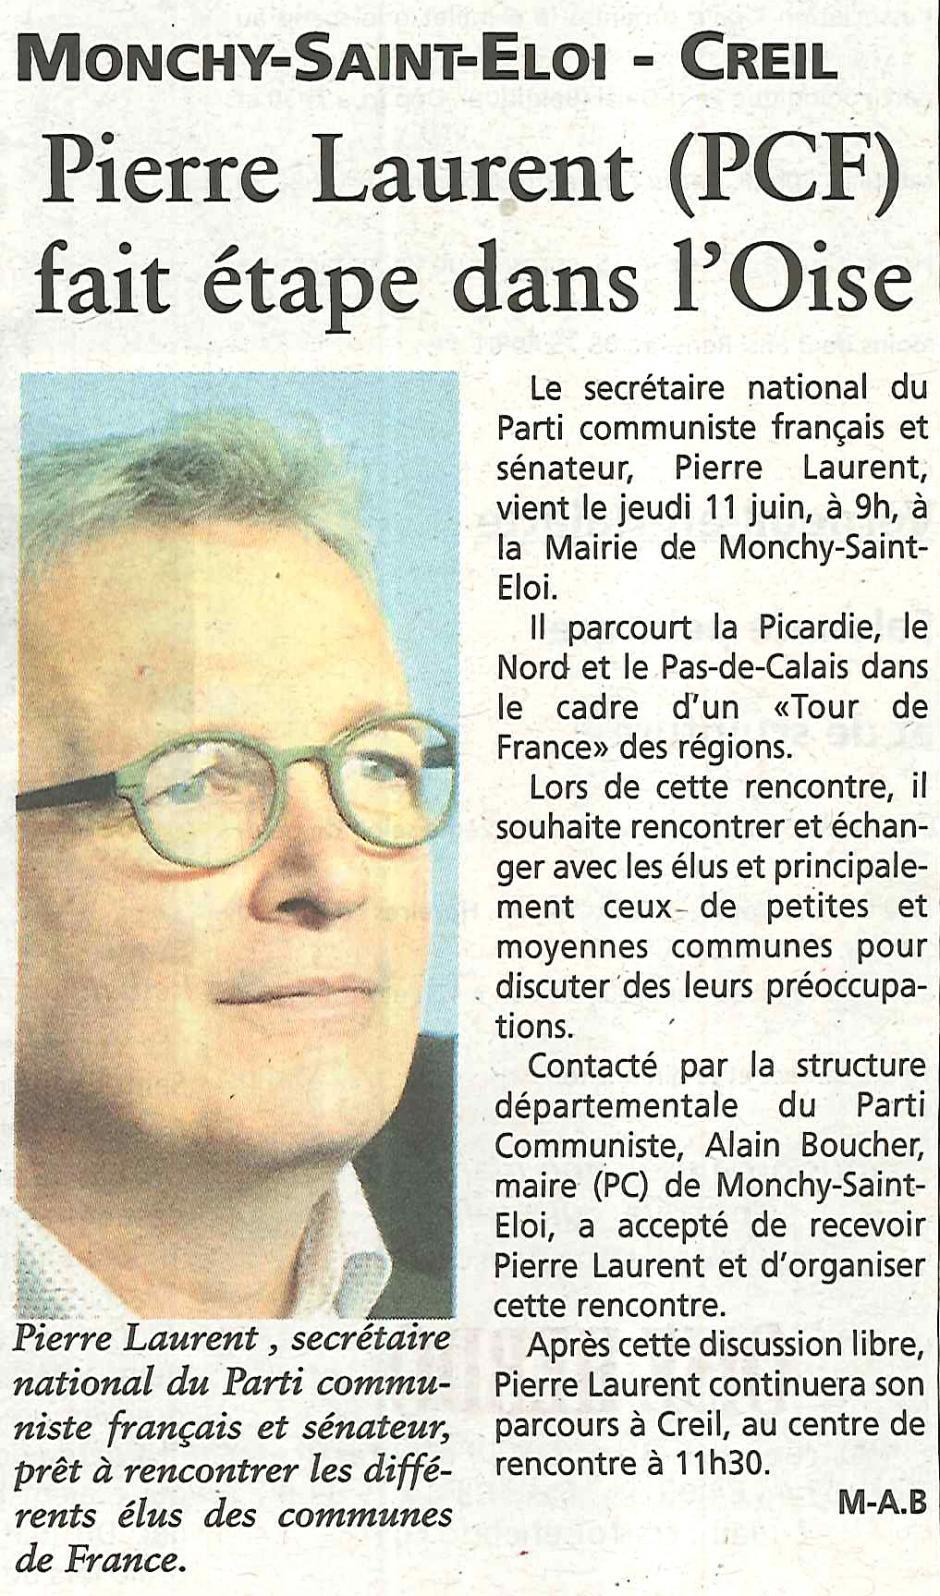 20150610-OH-Creil-Monchy-Saint-Éloi-Pierre Laurent (PCF) fait étape dans l'Oise